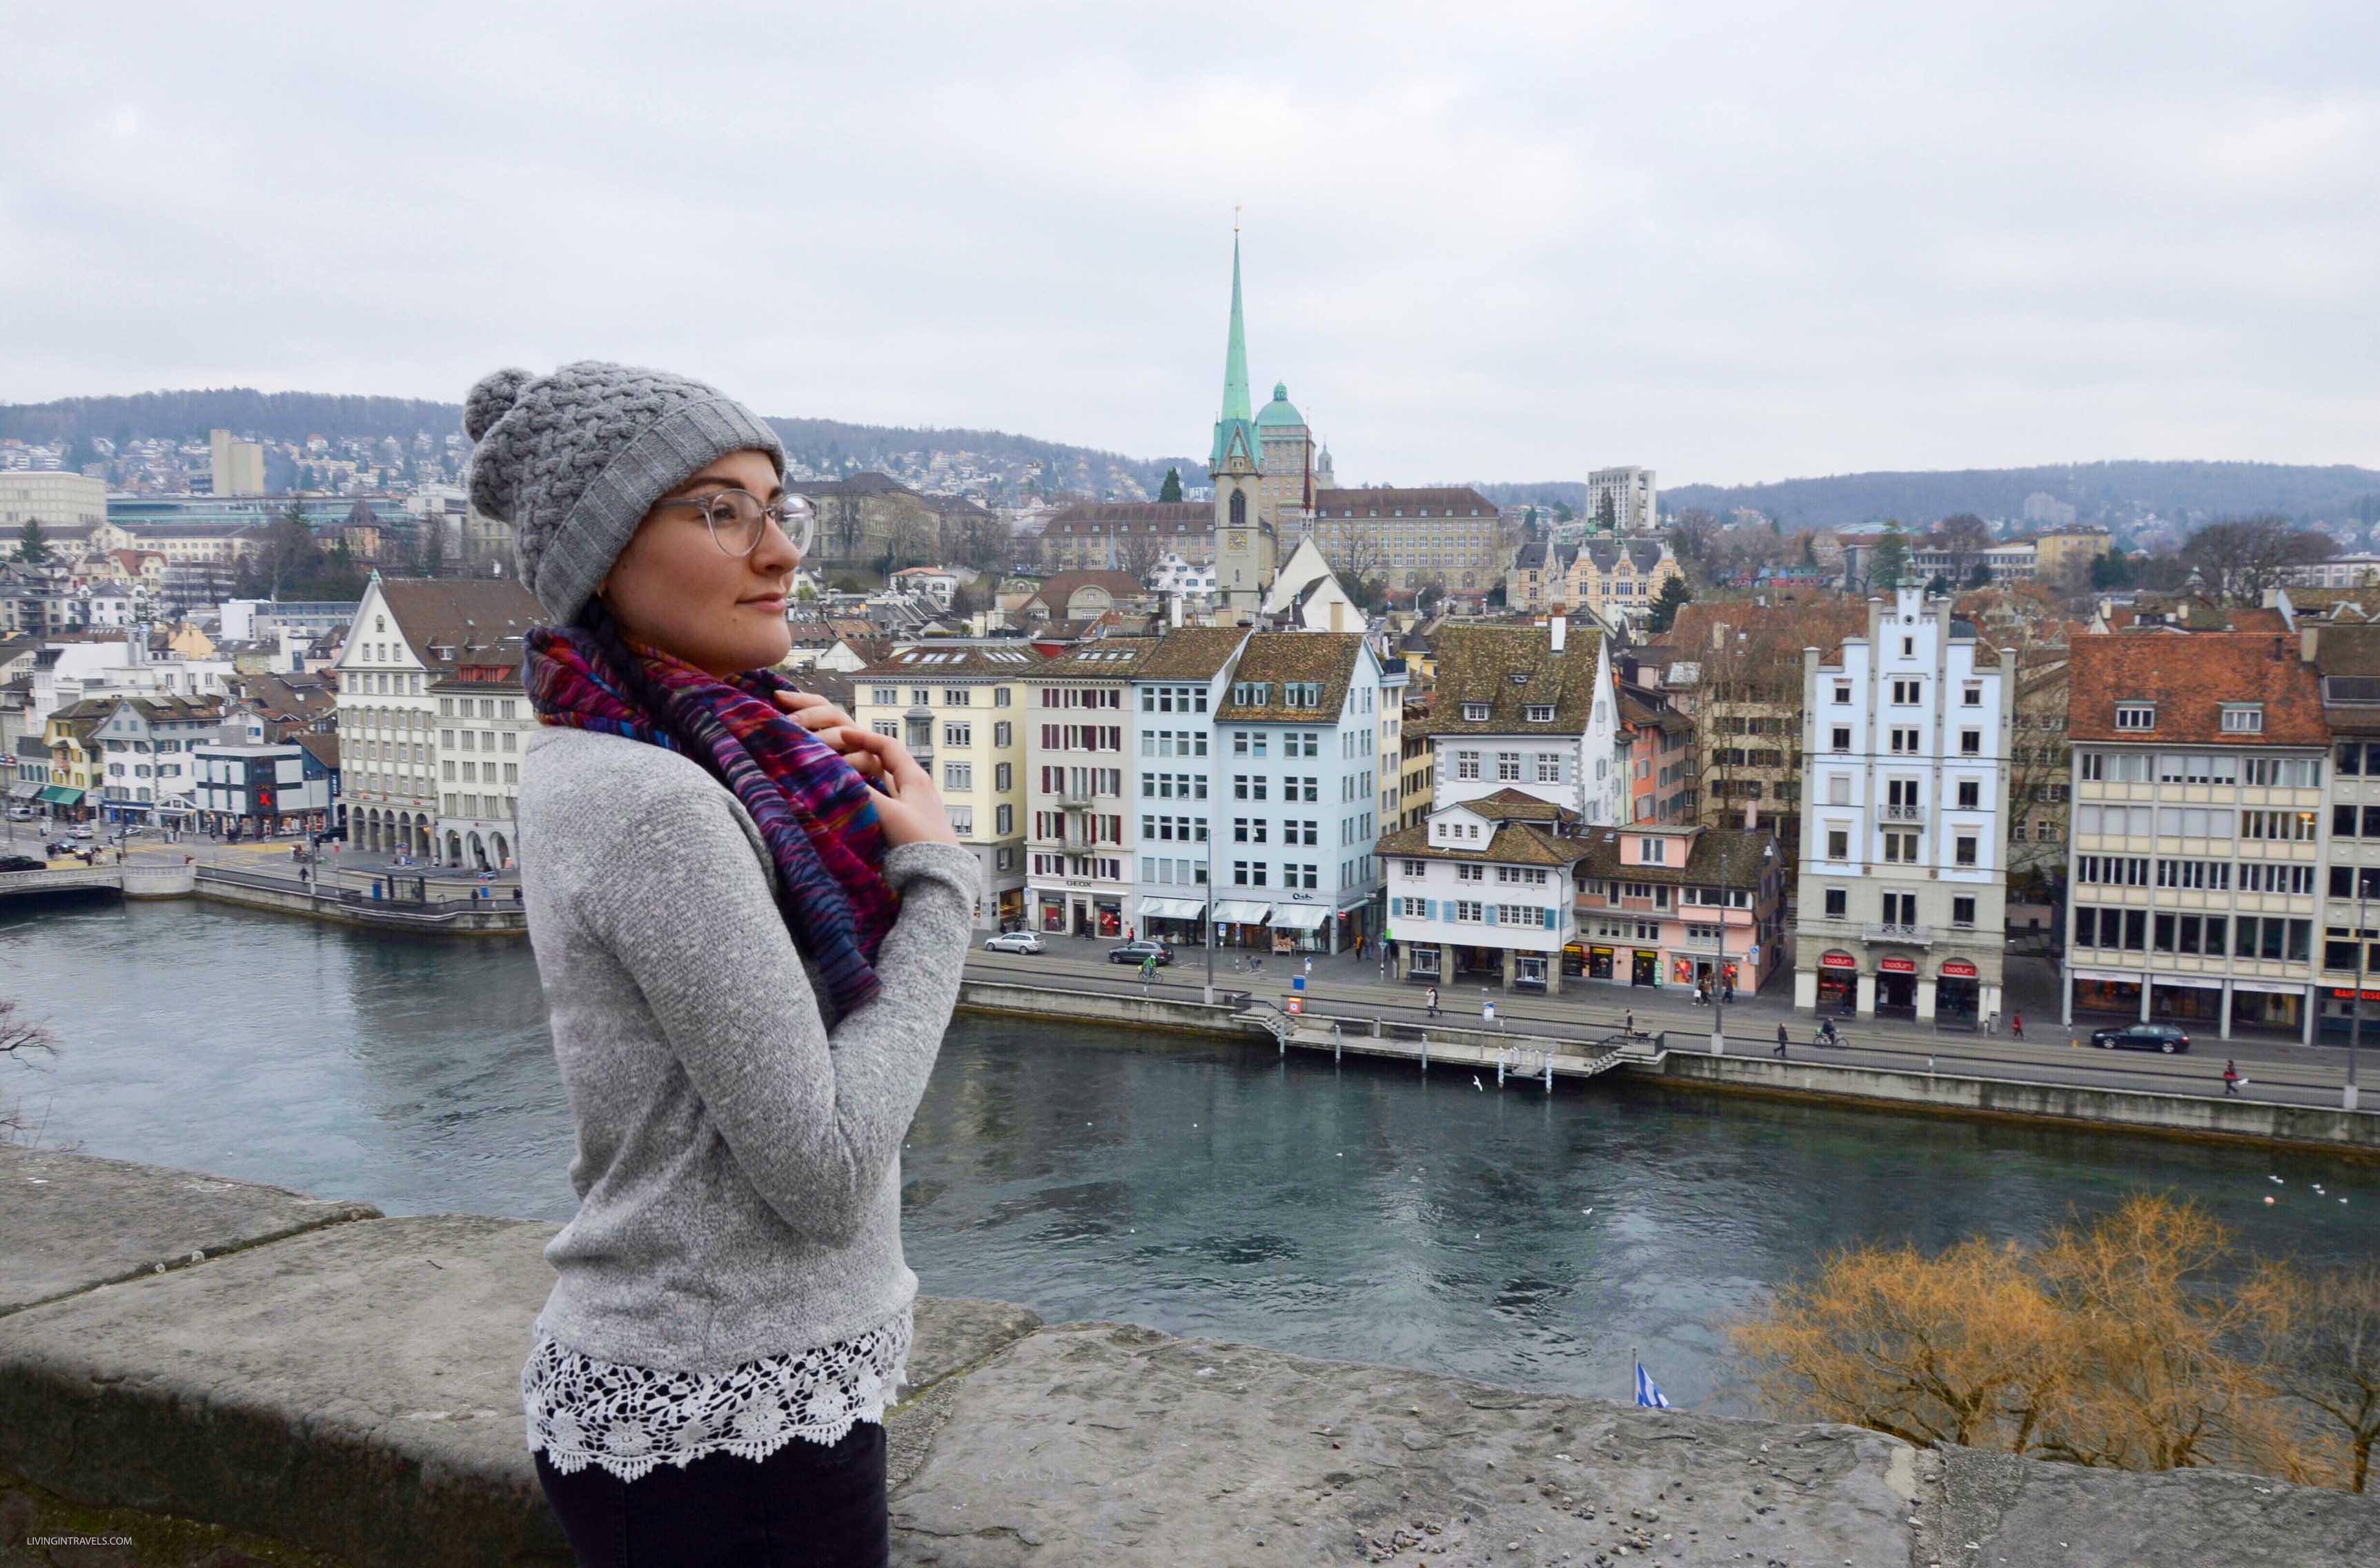 Вид с холма Линденхоф. Швейцария: Цюрих и окрестности за 48 часов